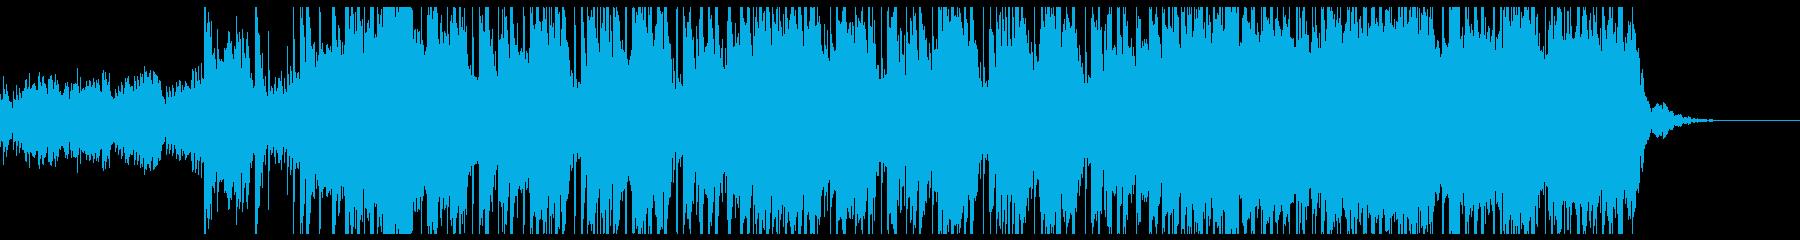 ティーンズ系Hip Hop 起承転結の再生済みの波形